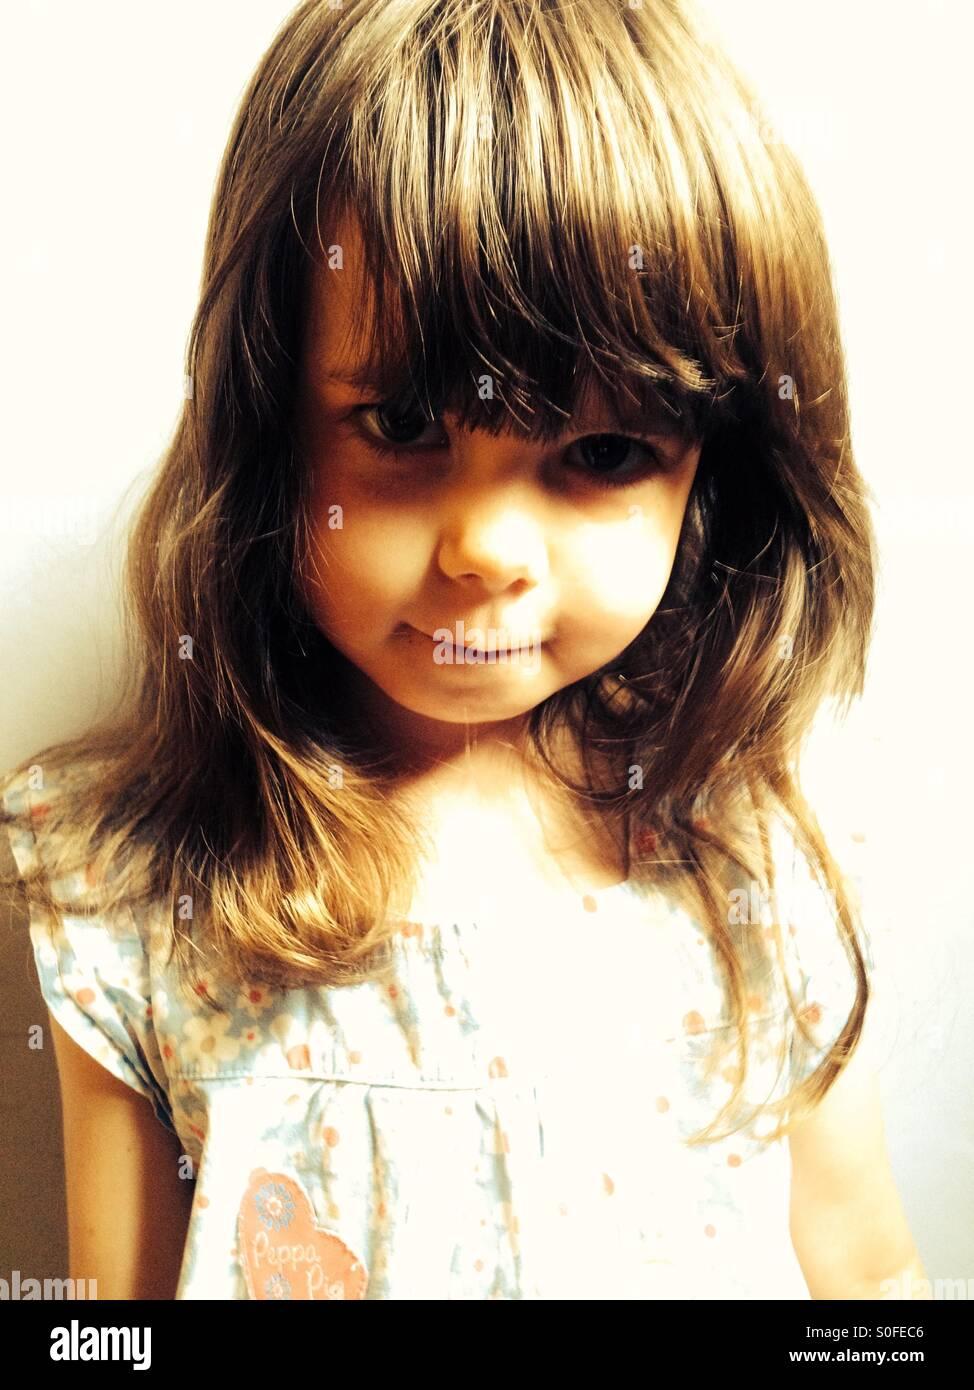 Ritratto di 3 anno vecchia ragazza Immagini Stock